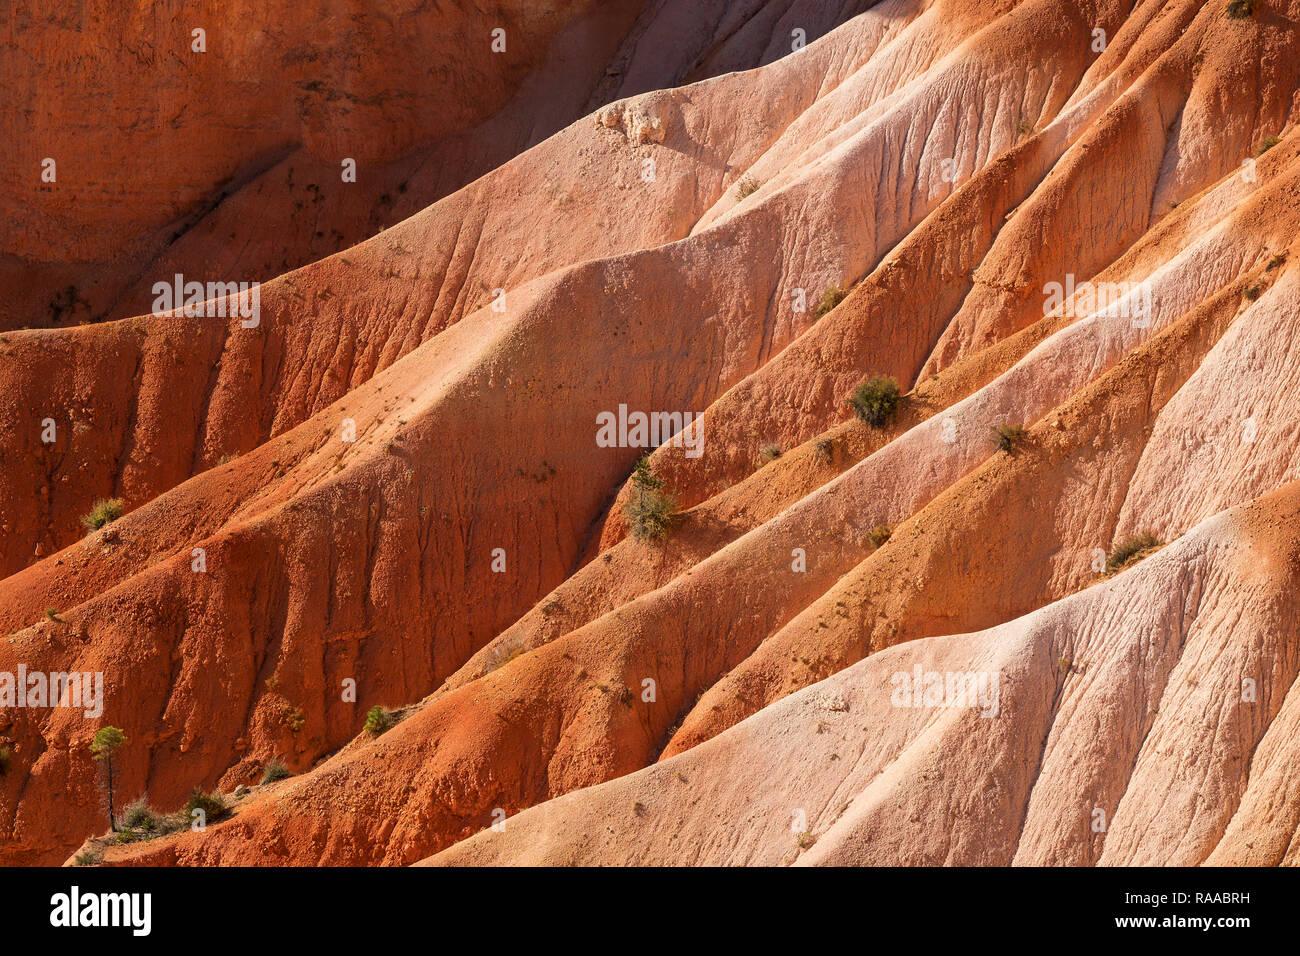 Bryce Canyon National Park, Utah, USA. Canyon Wände aus erodieren Sedimentgesteine Kalkstein. Stockfoto